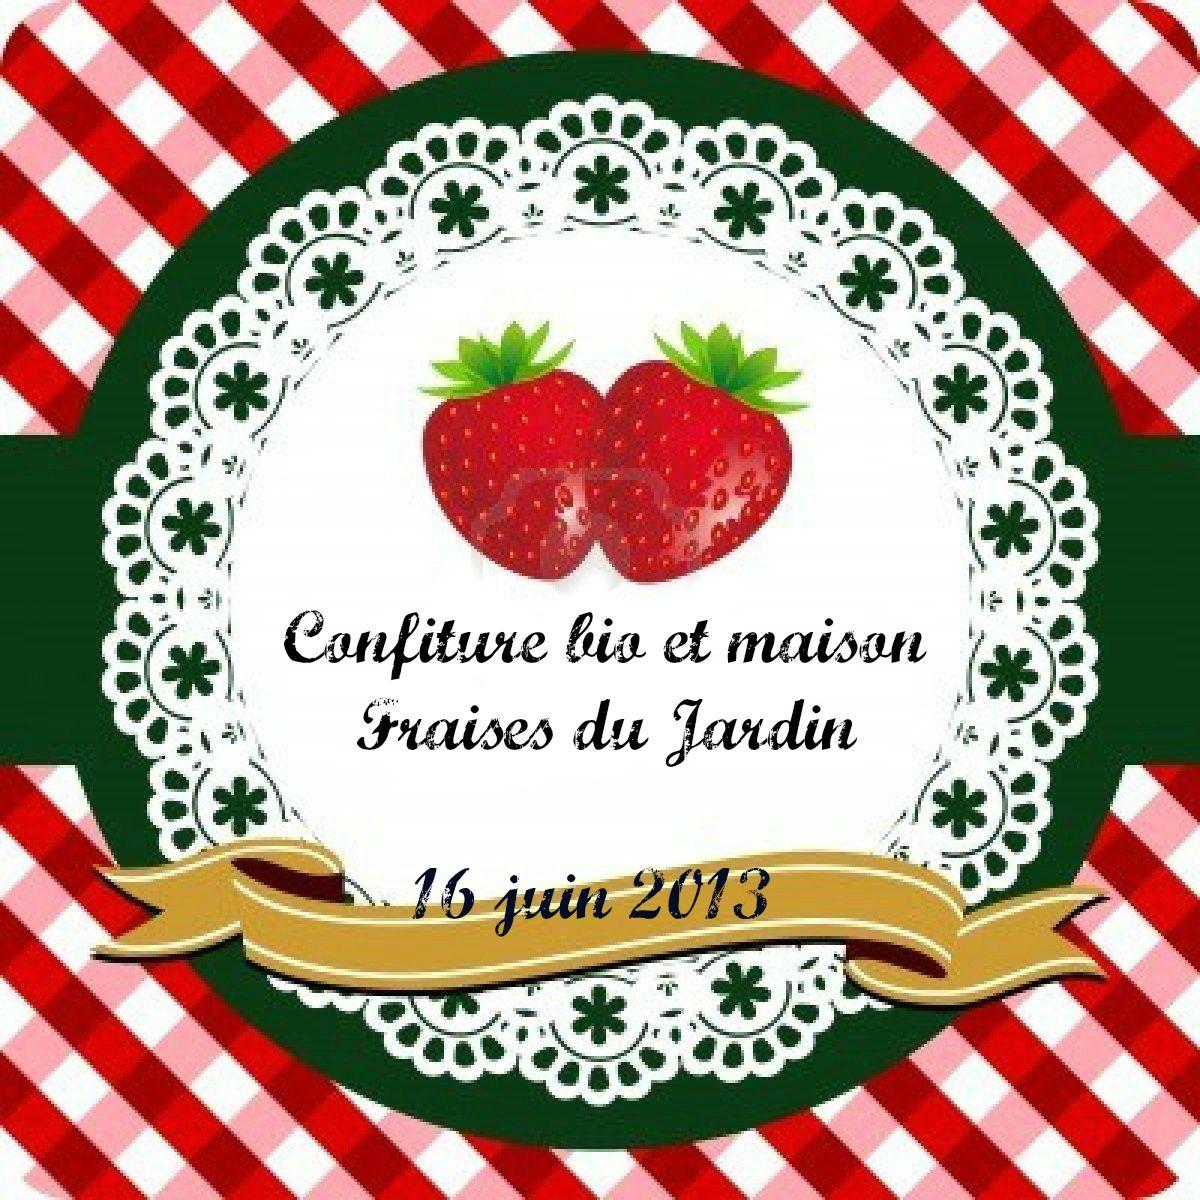 10031163-etiquette-de-fraise